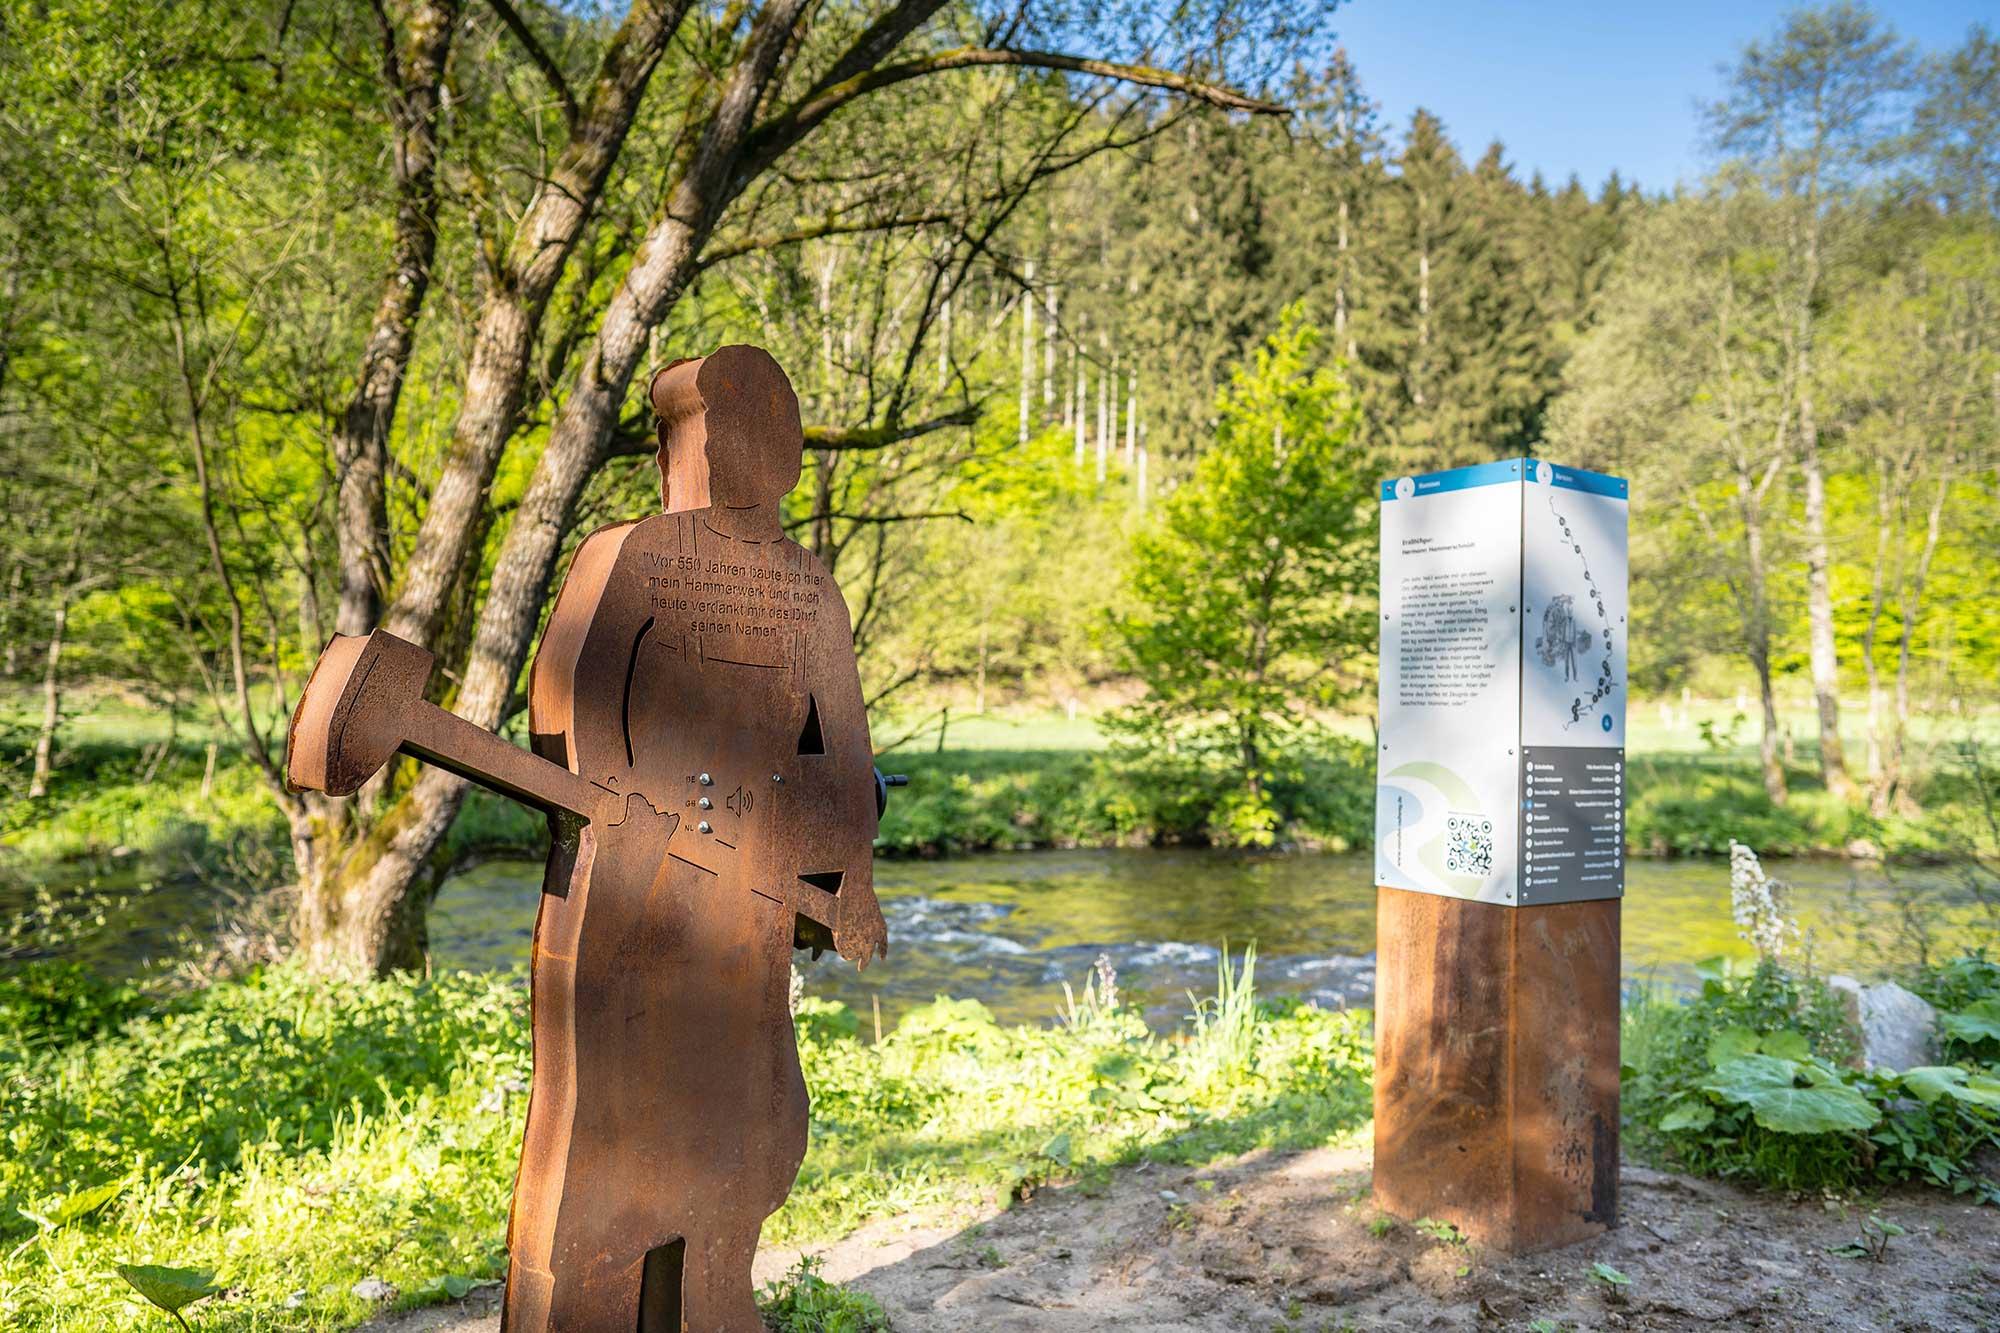 RurUfer-Radweg Rast- und Erlebnisstation Hermann Hammerschmidt aus Hammer